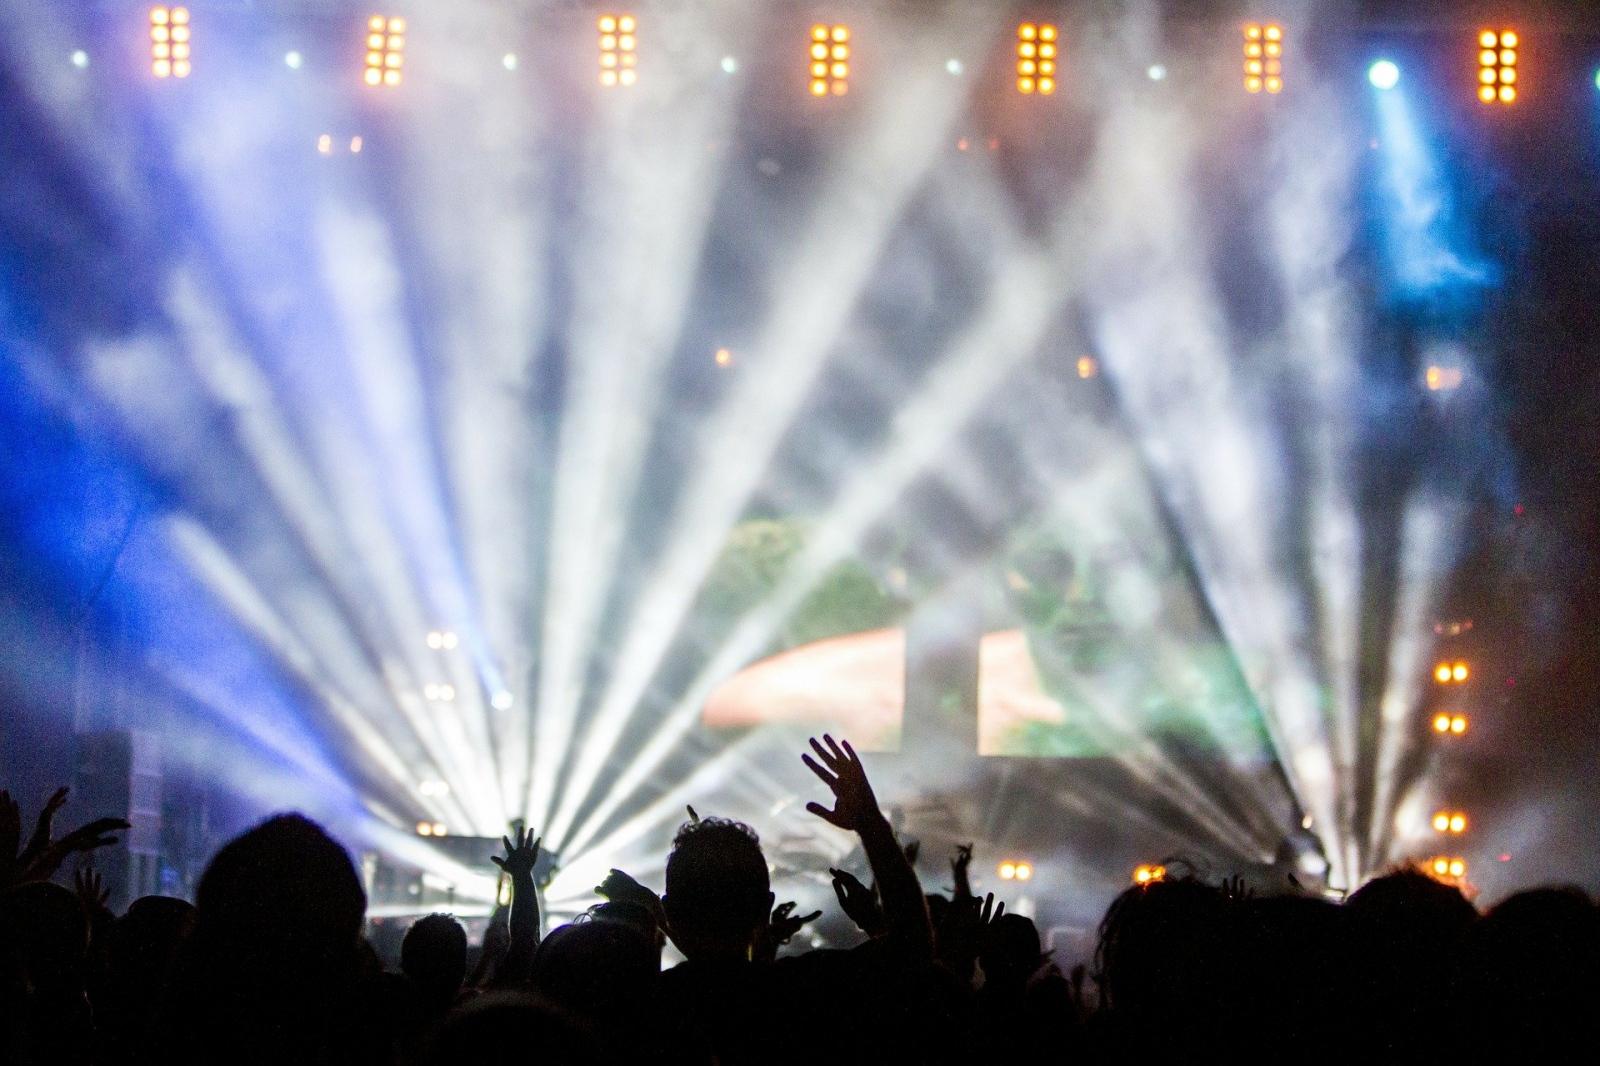 Уличен музикален фестивал започна във Франция, съобщи Фигаро. Спектакли се провеждат